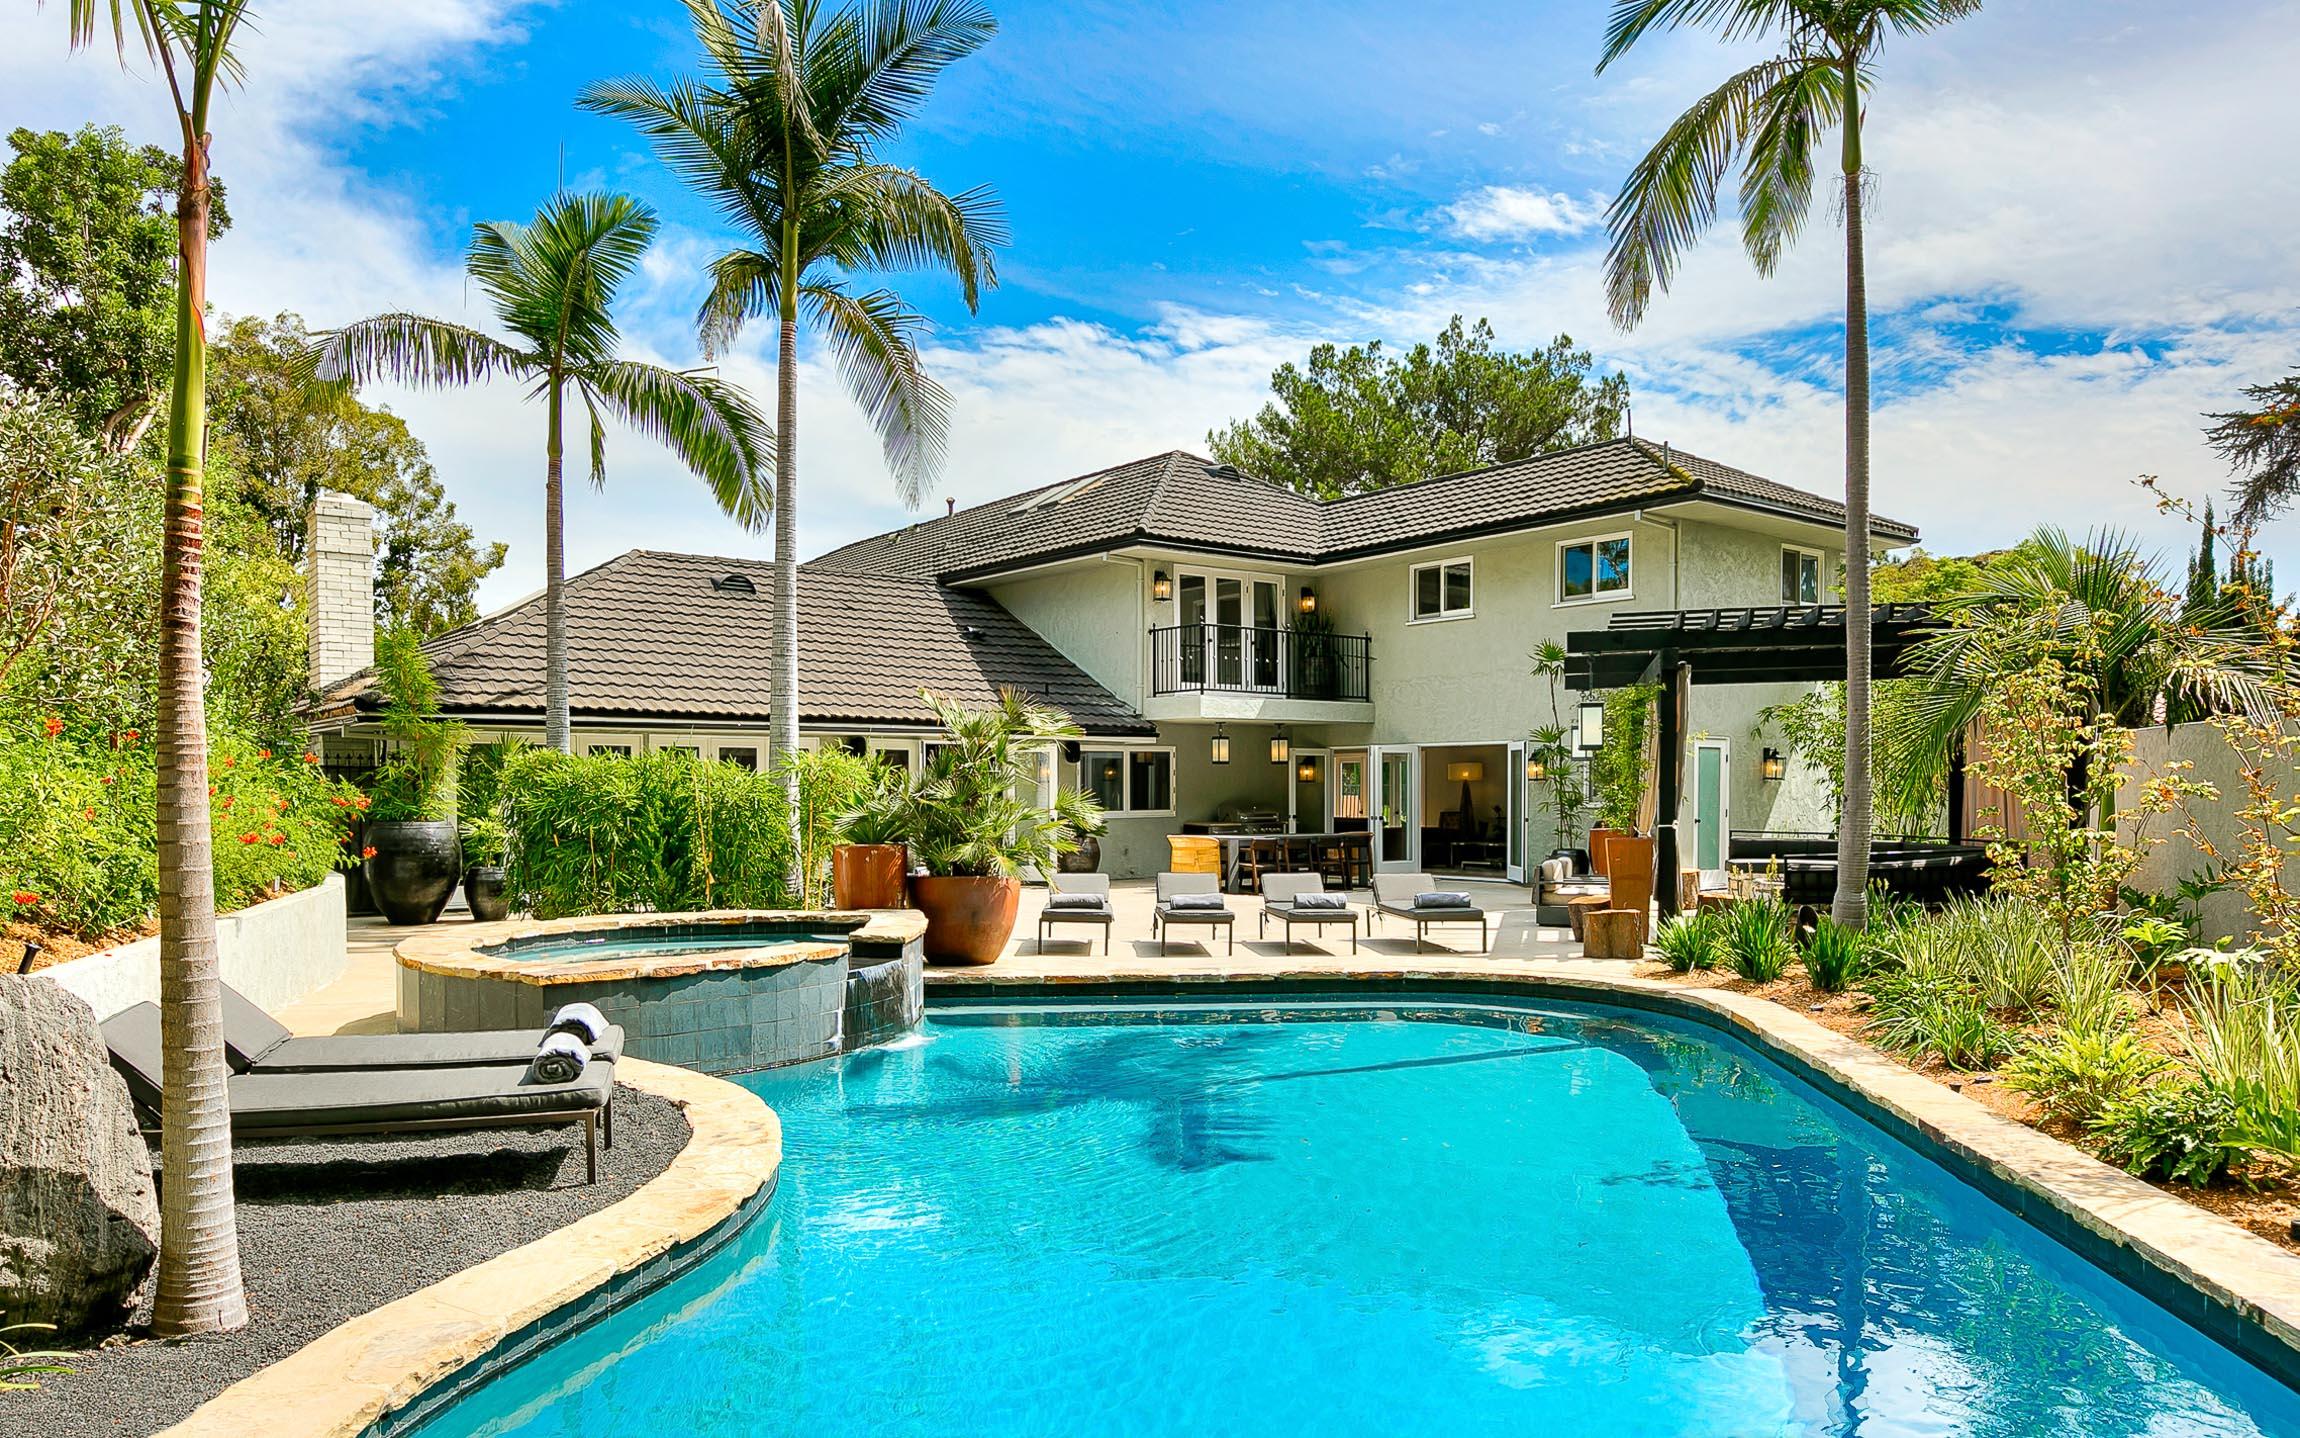 rent vacation home los angeles california vacation rentals in los